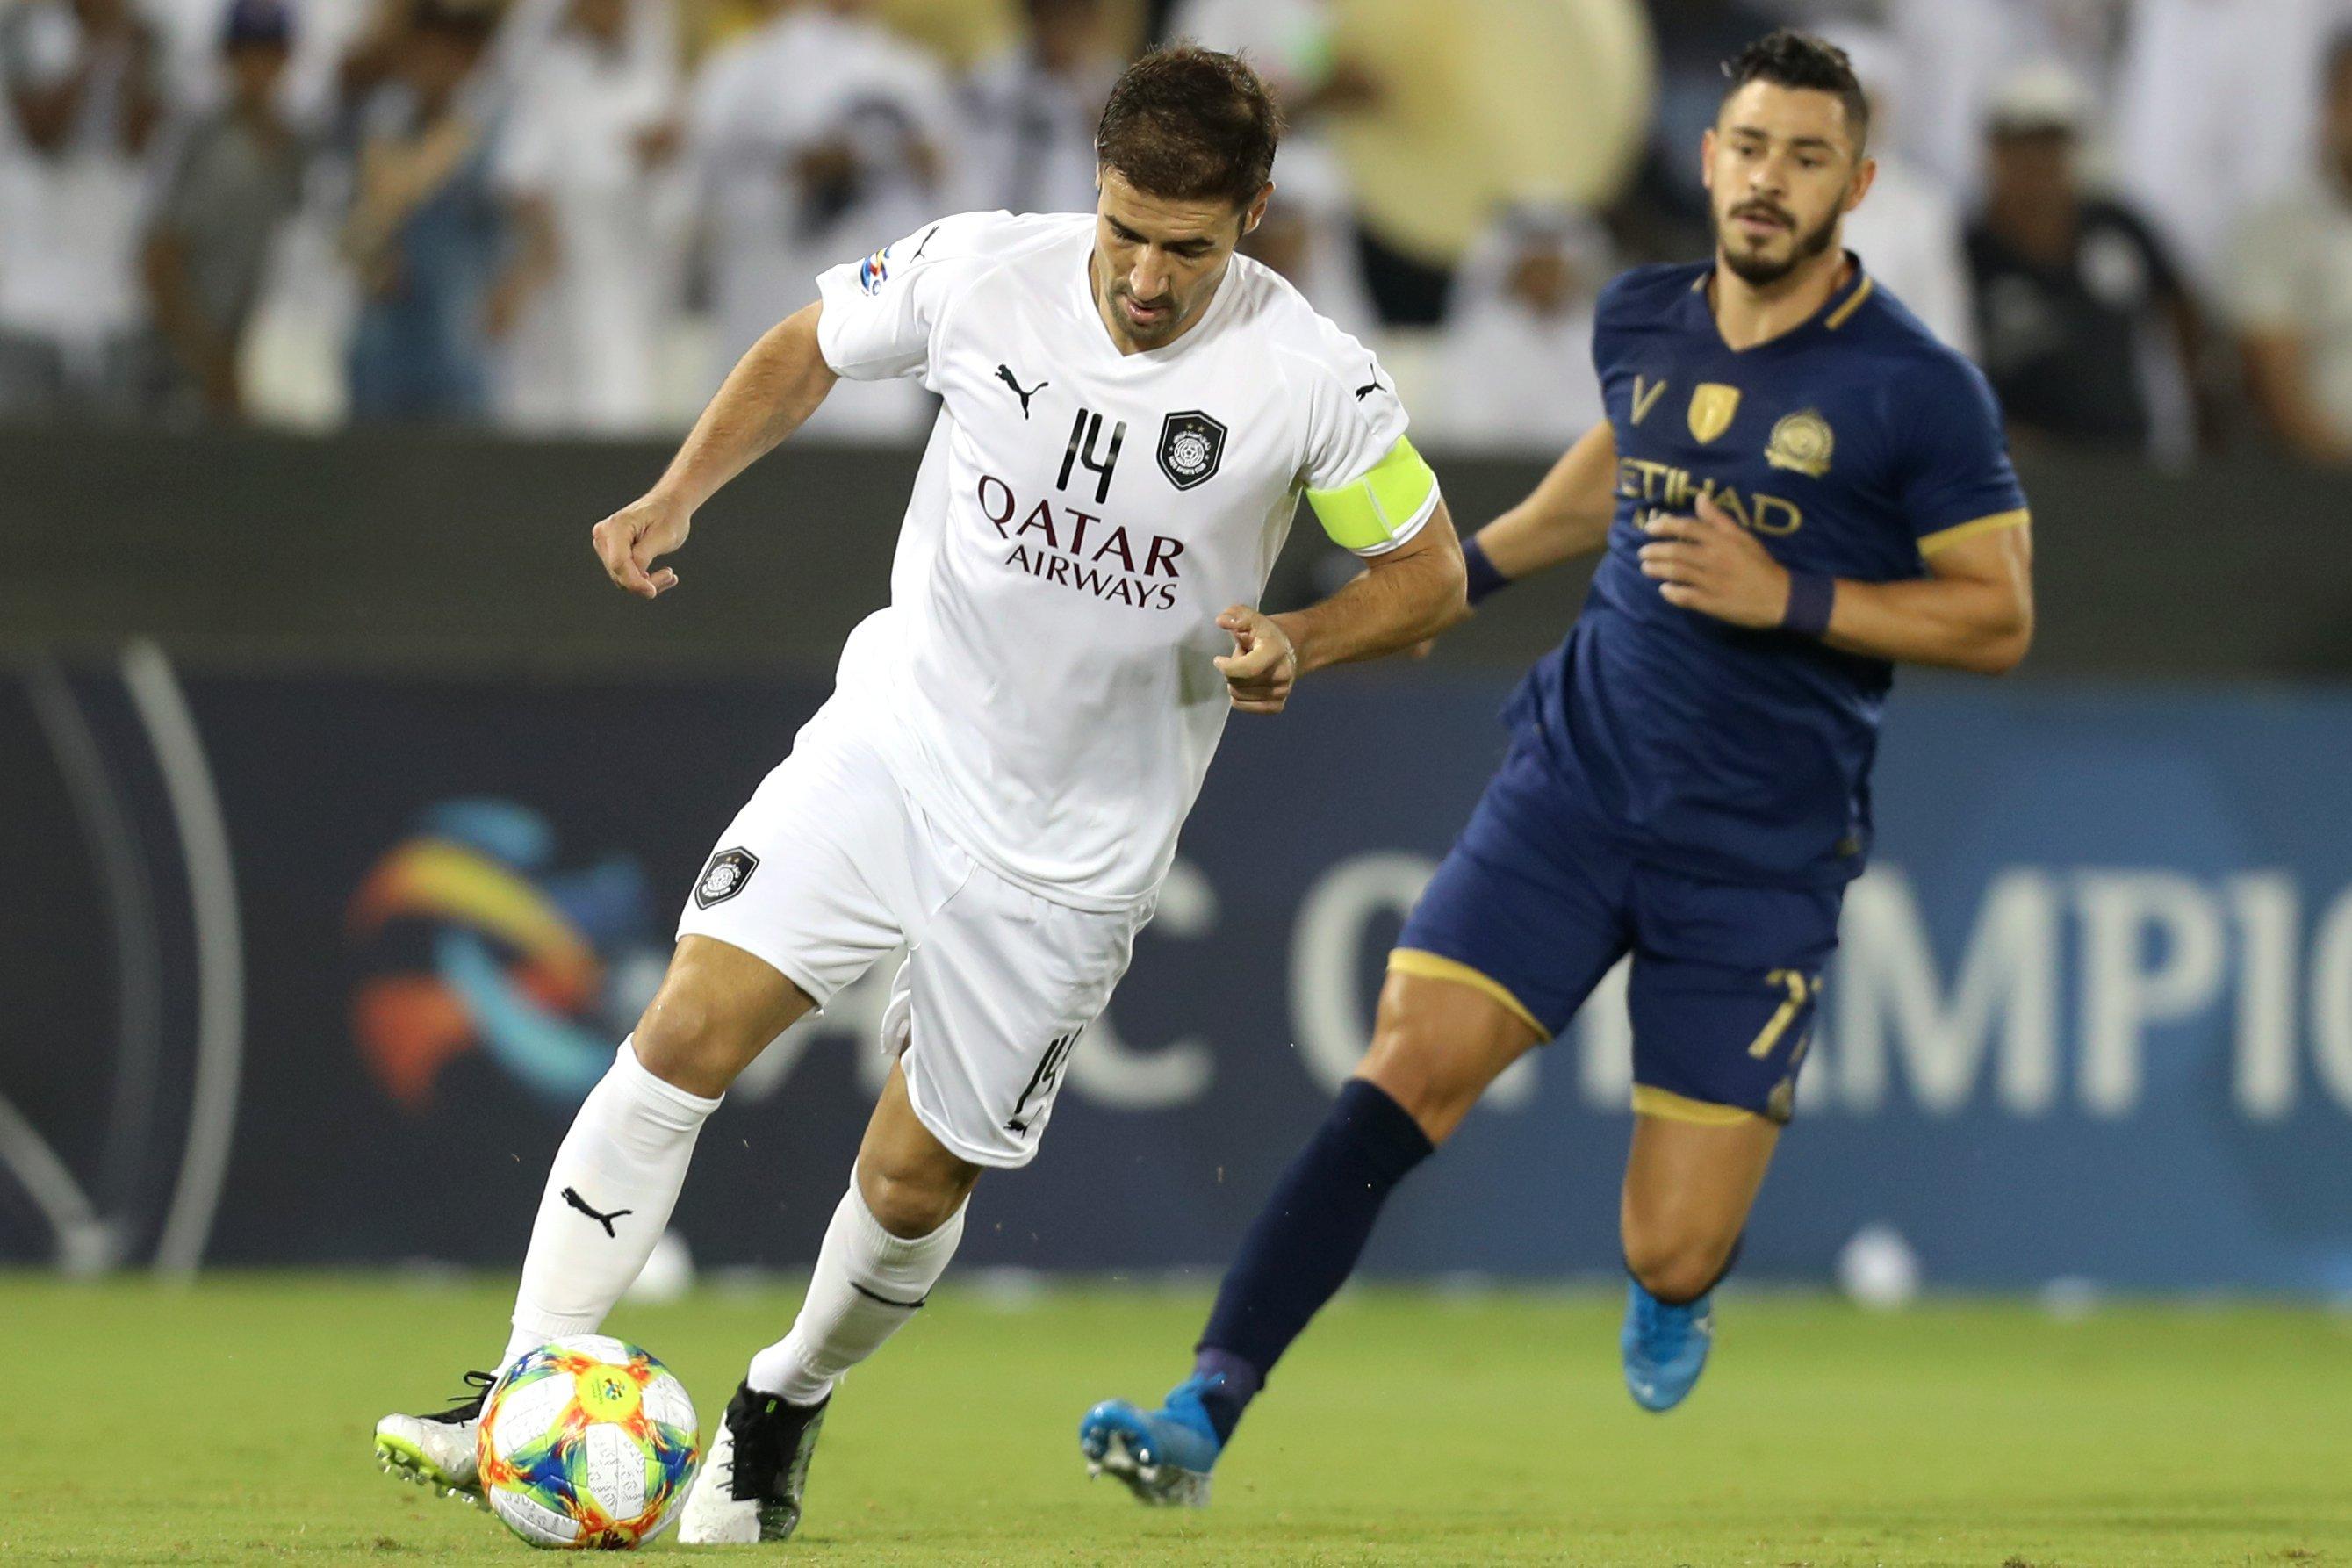 السد القطري يقصي النصر بصعوبة ويتأهل لنصف نهائي دوري أبطال آسيا